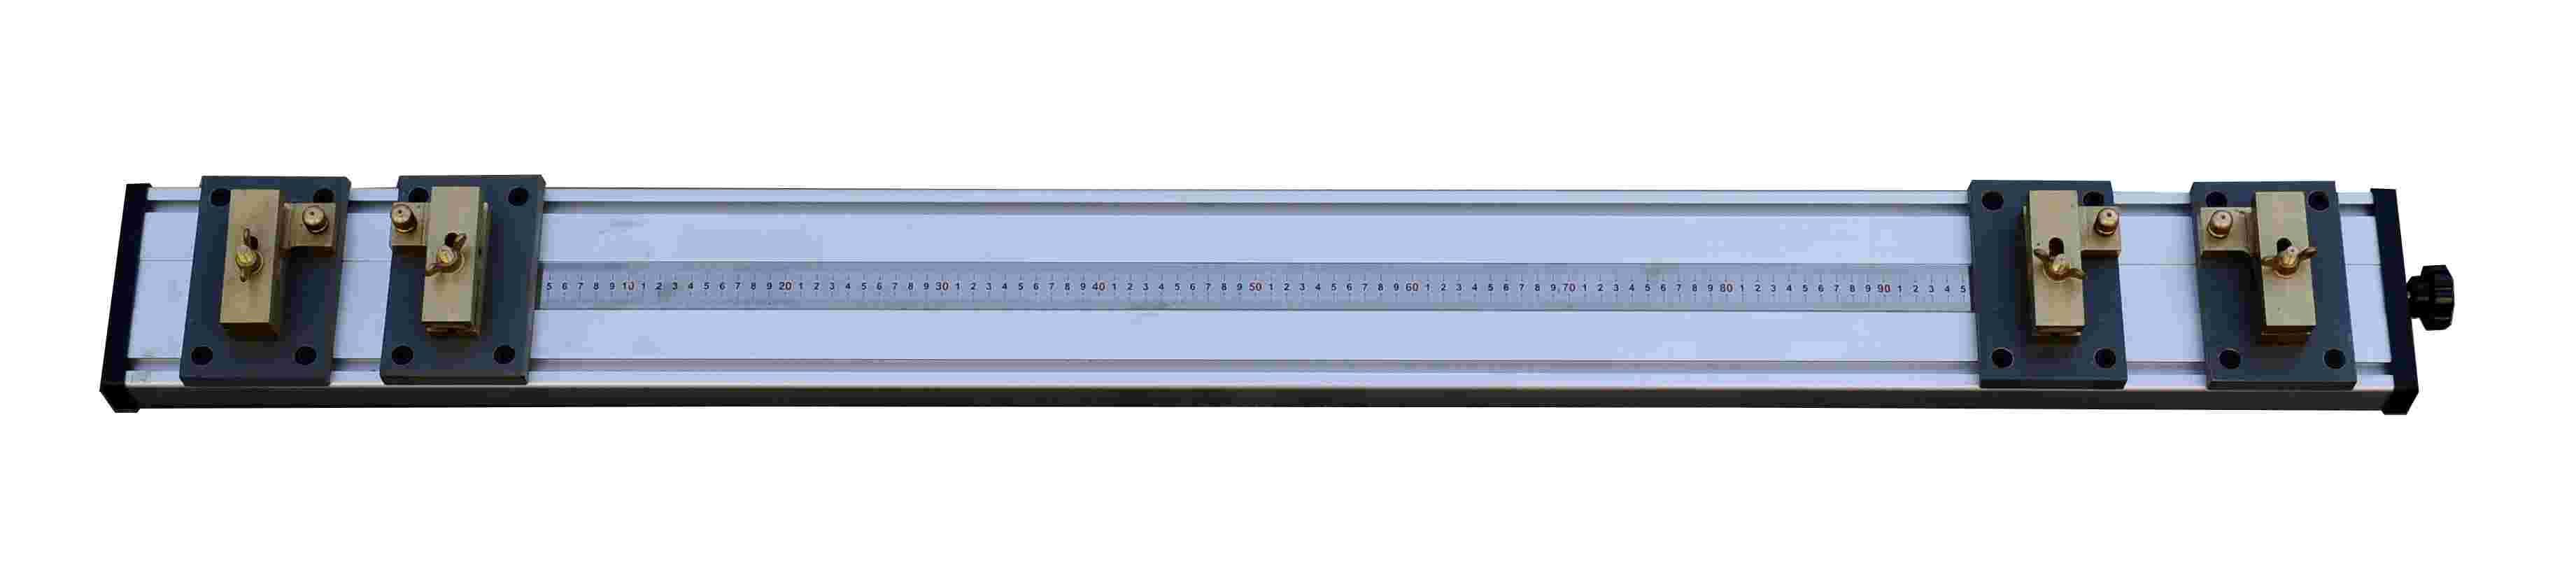 導體電阻測量夾具(請點擊)